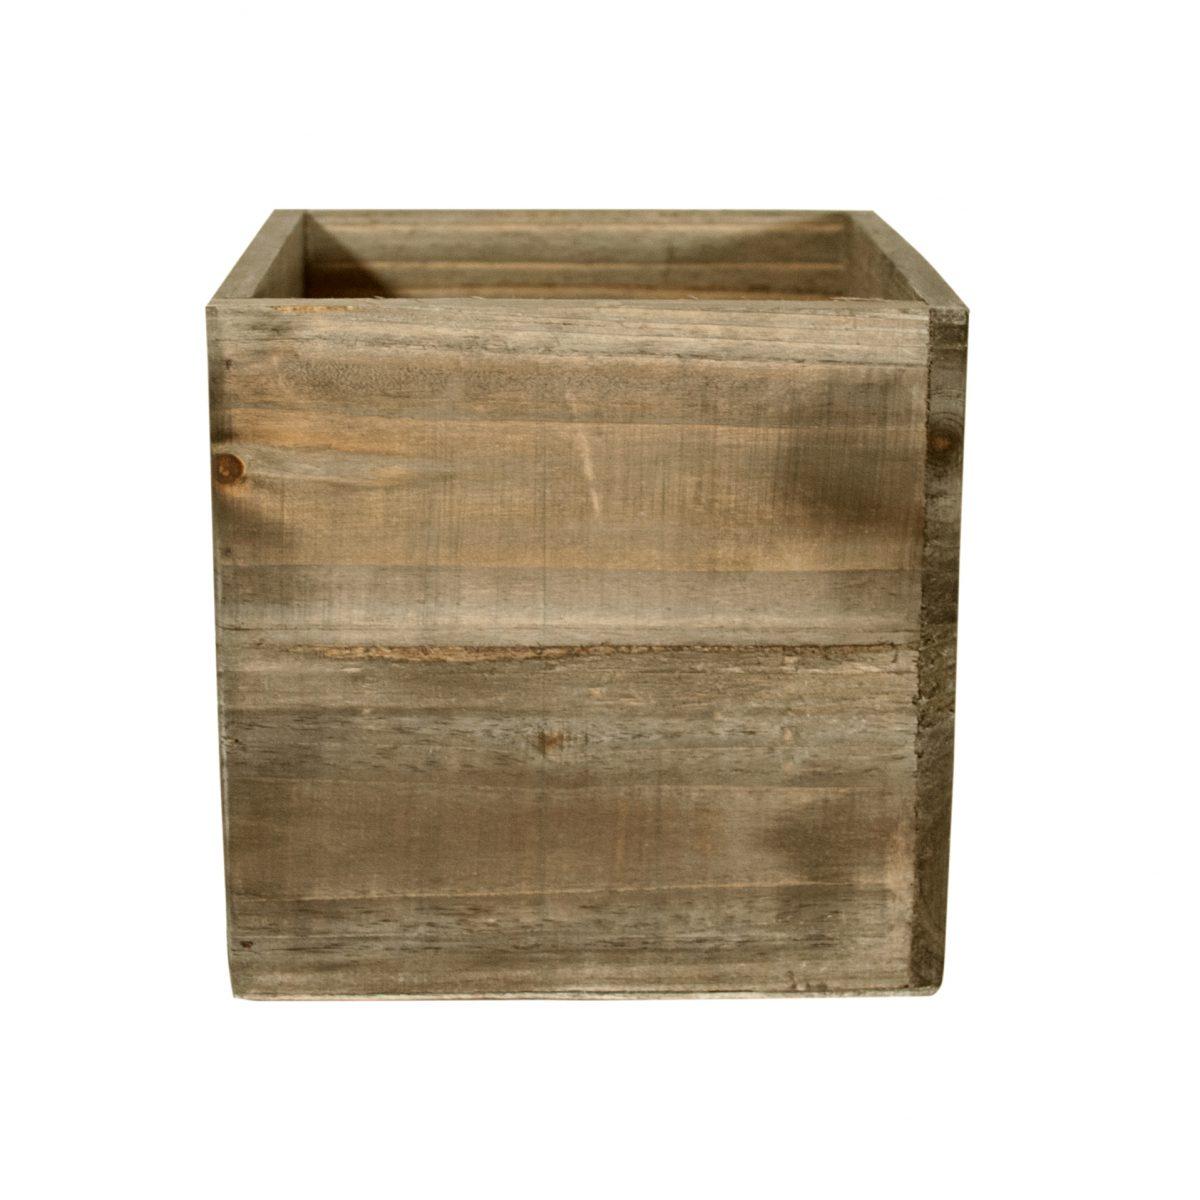 Wooden Planter Box Square